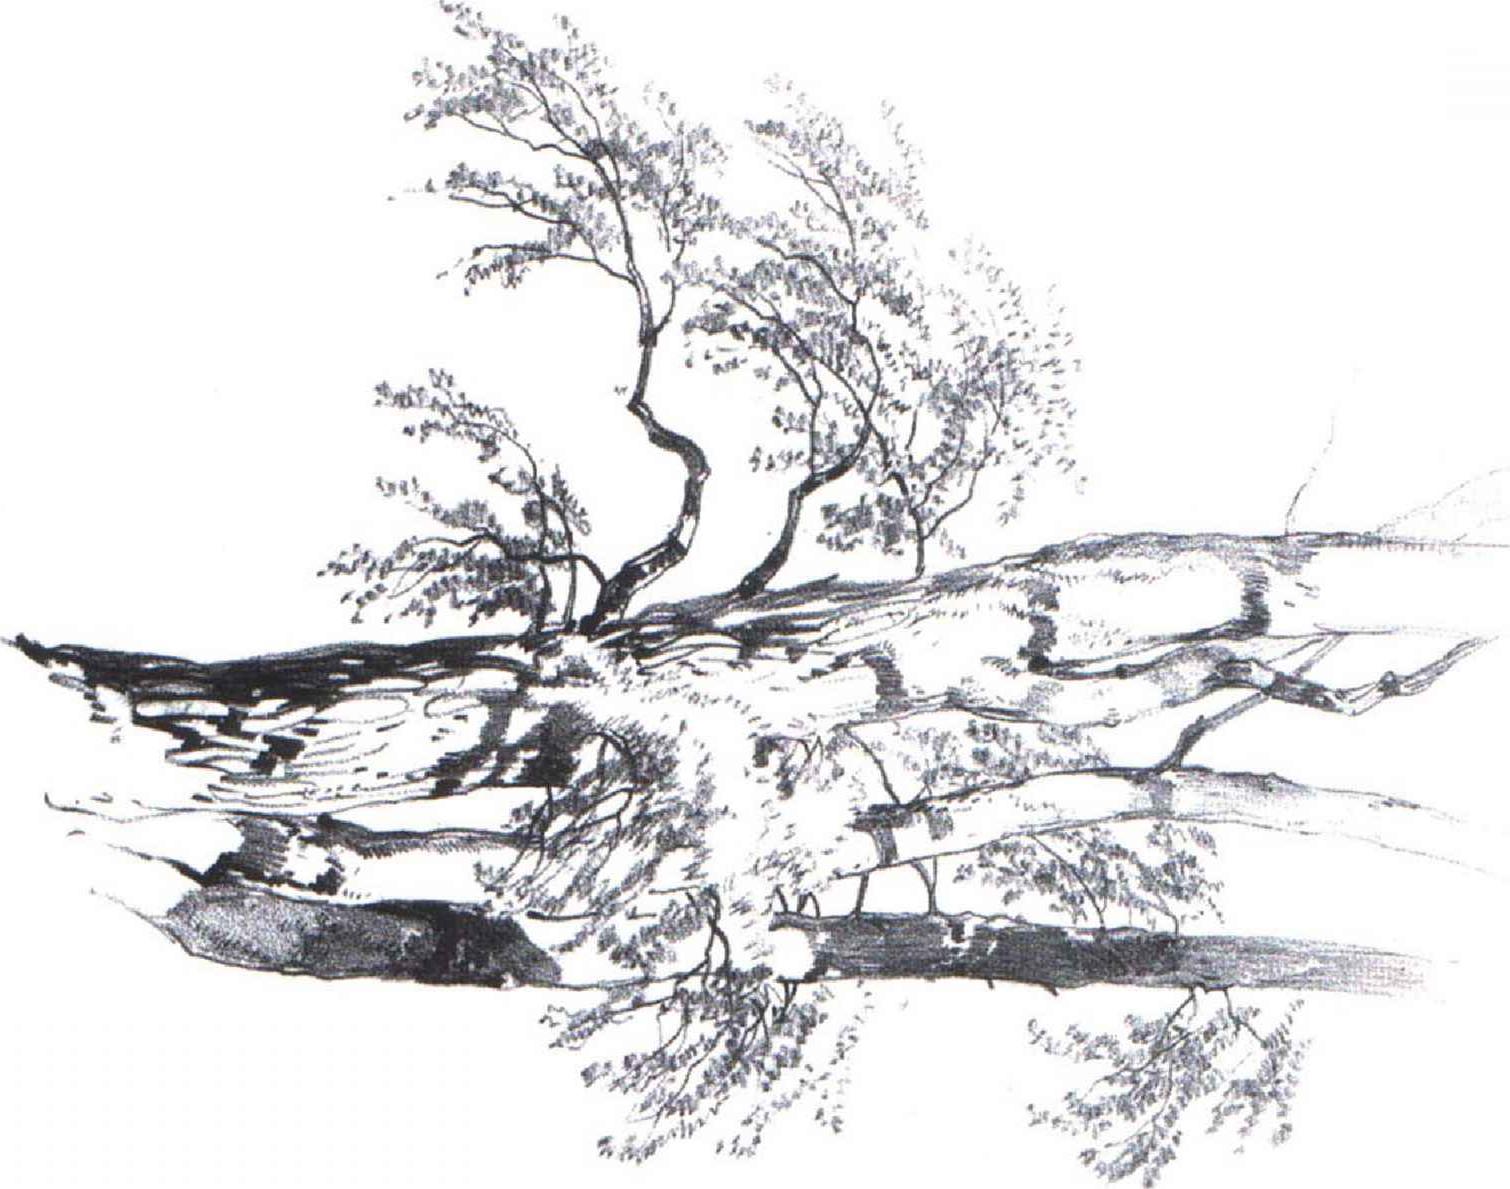 1510x1189 Pencil Black Shading Techniques Nature Pencil Shading Landscapes